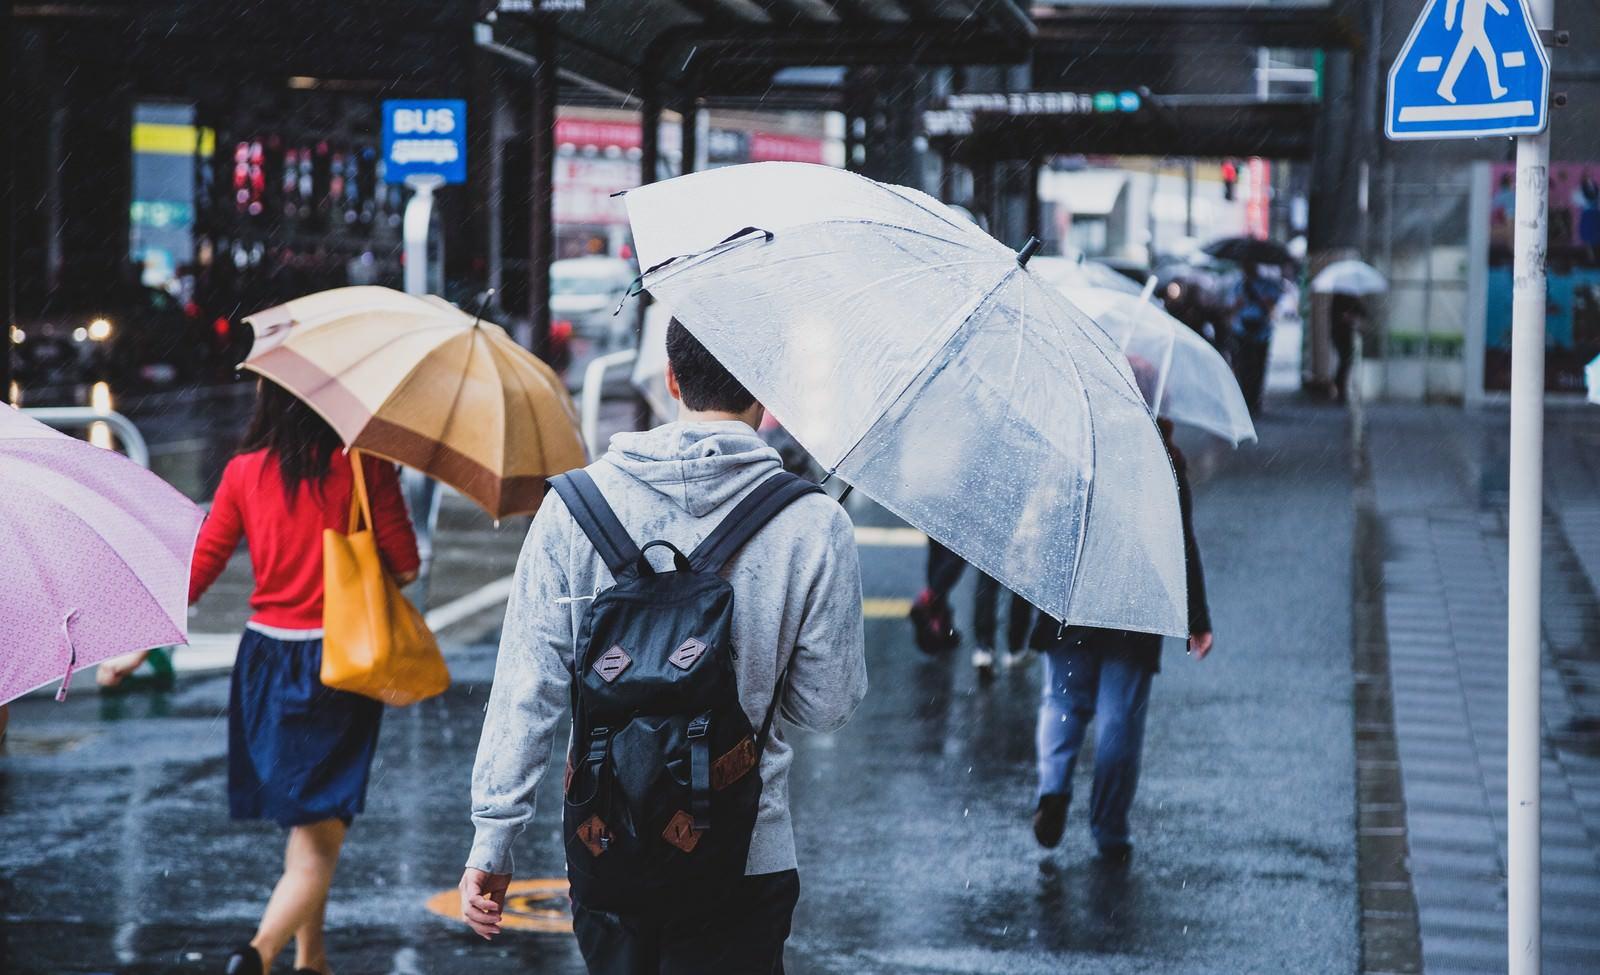 「降りしきる雨の中、家路に向かう」の写真